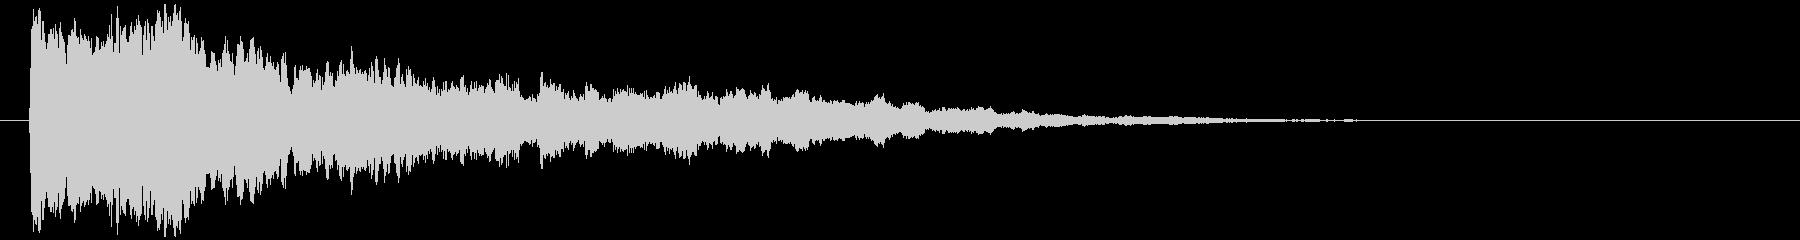 神秘的で透明感のあるインパクト音2の未再生の波形